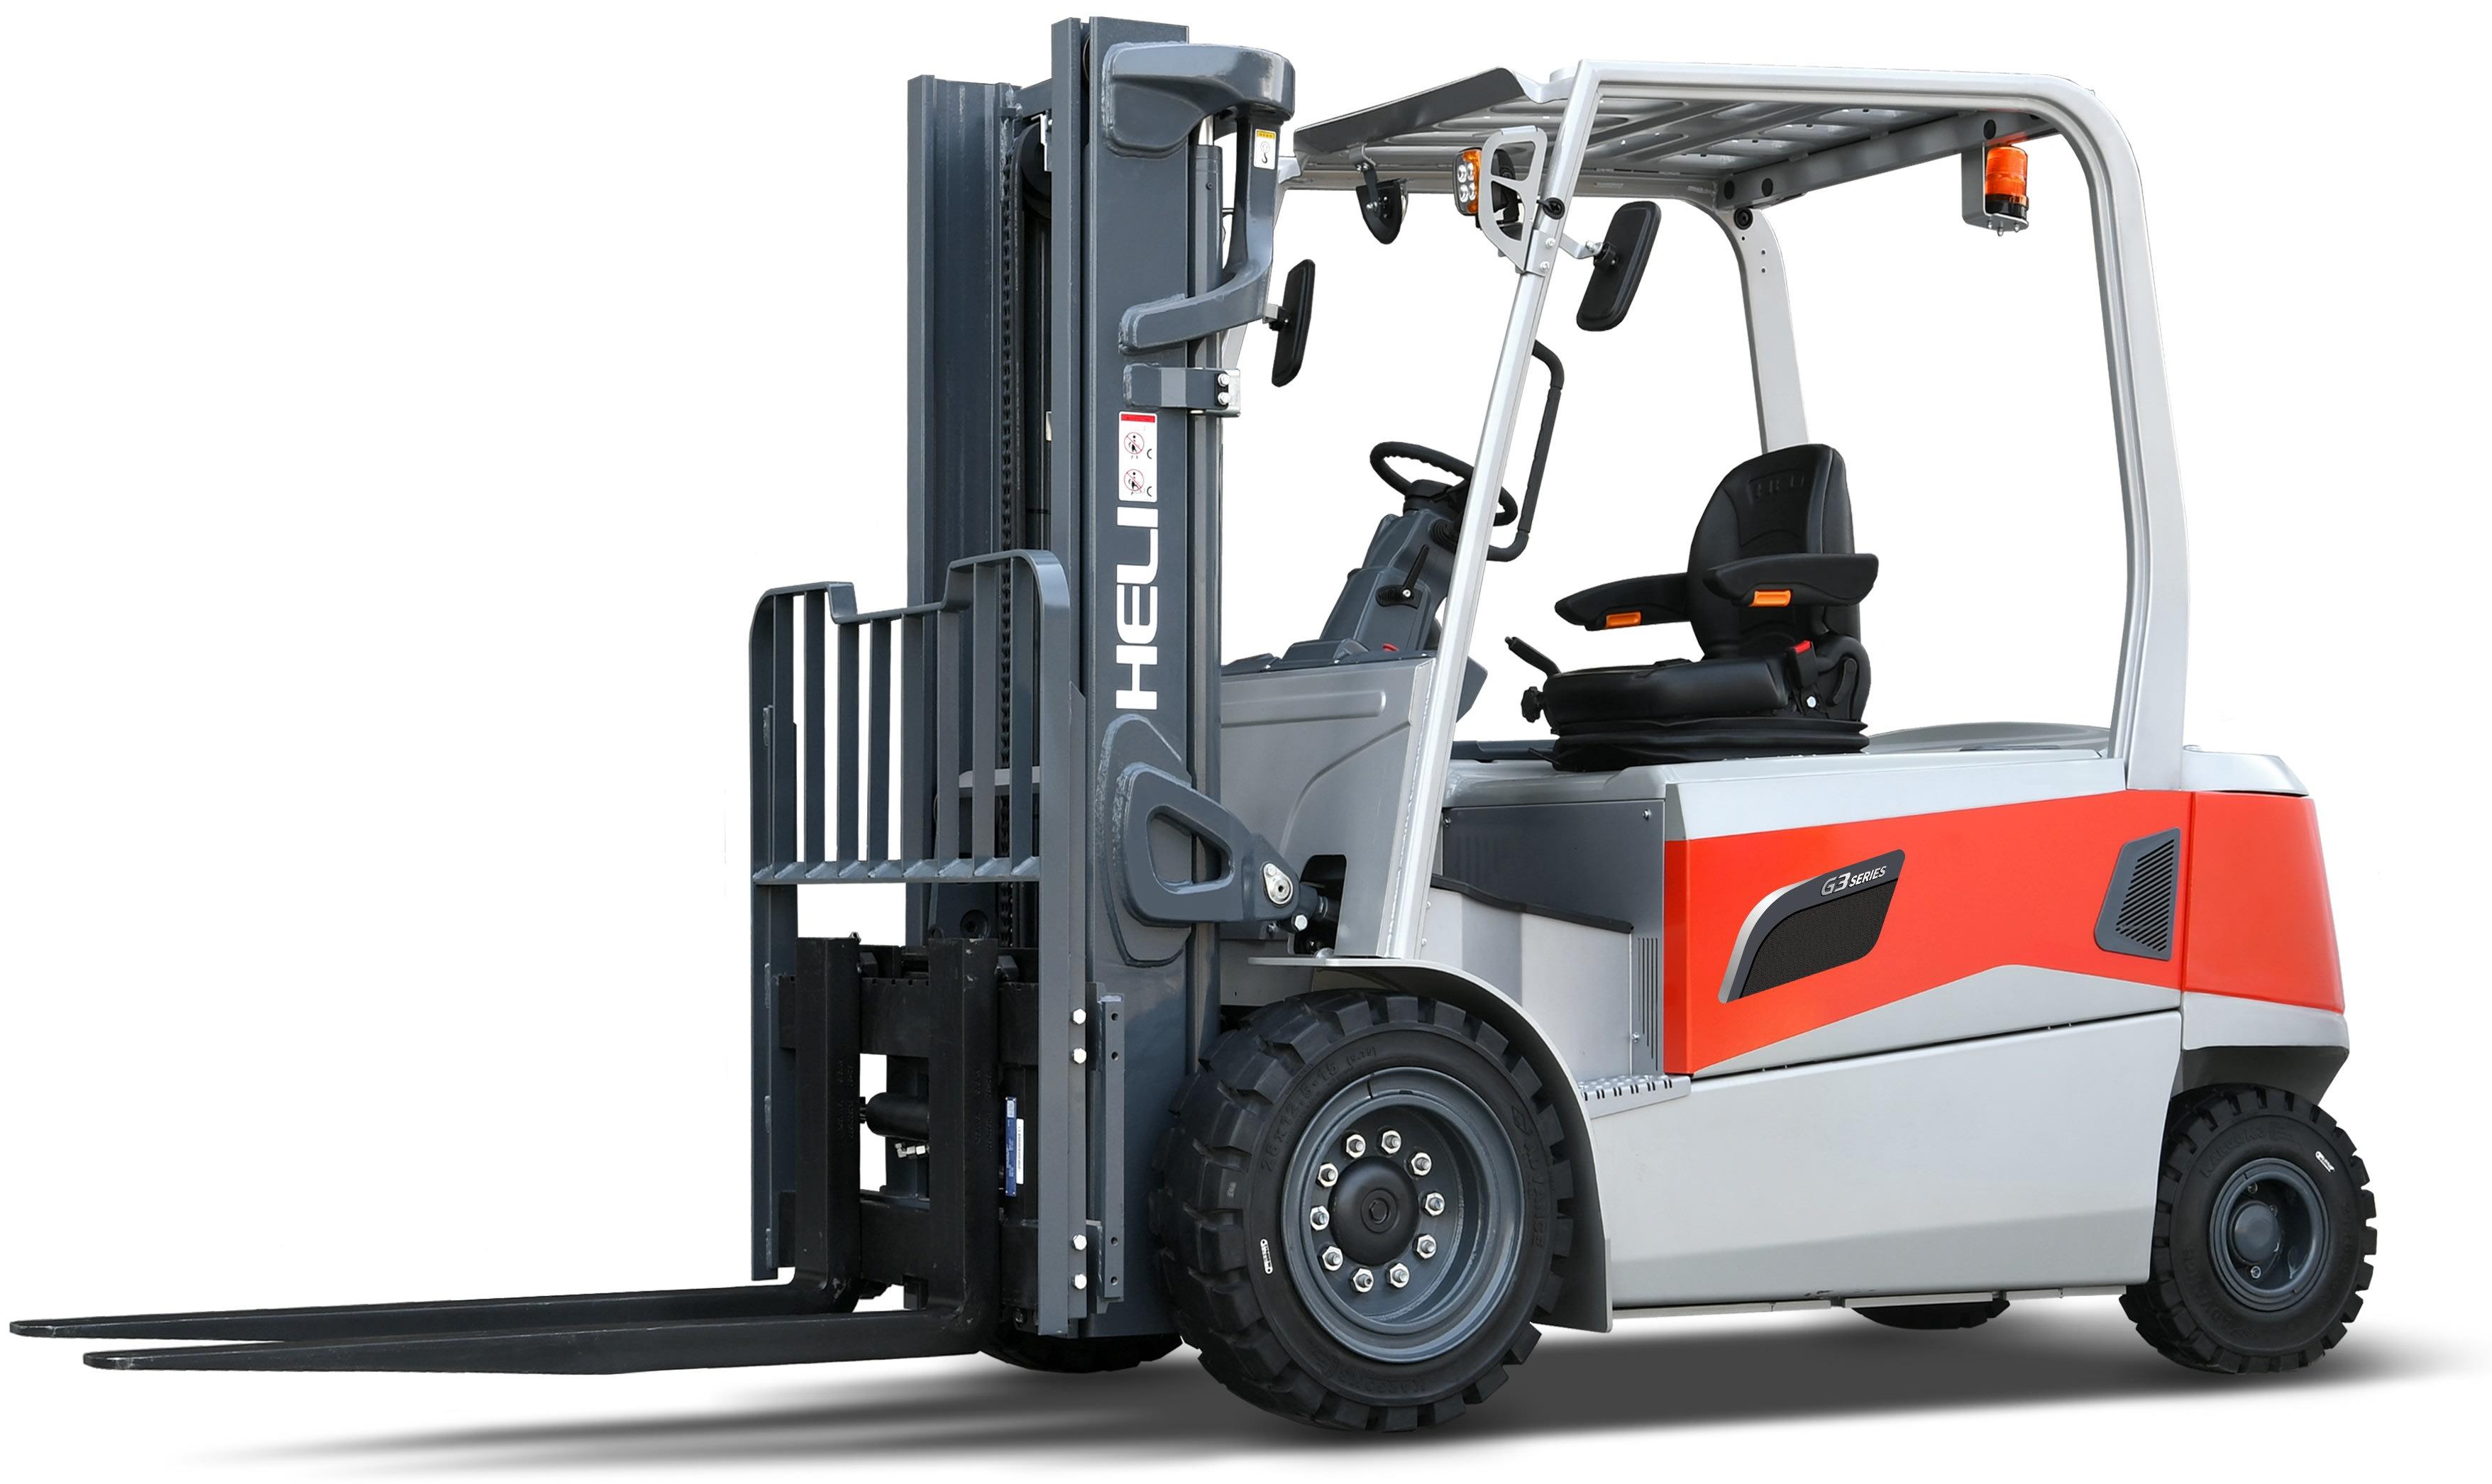 Empilhador Elétrico de 4 rodas - de 4.000 Kg a 5.000 Kg